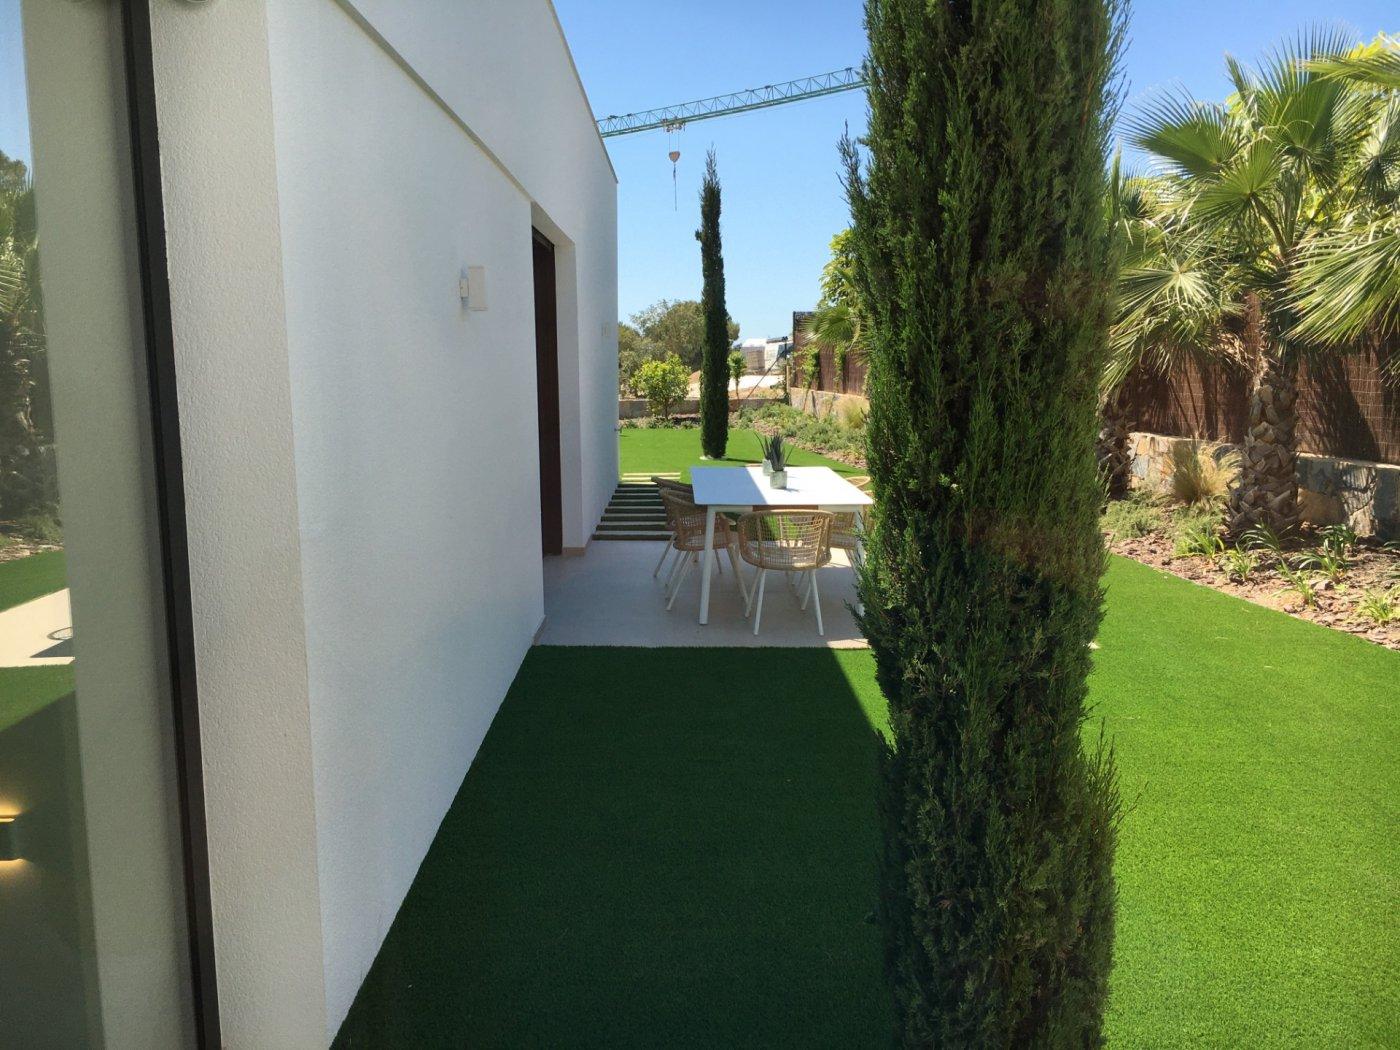 Villa de lujo en primera linea de golf - las colinas - imagenInmueble11